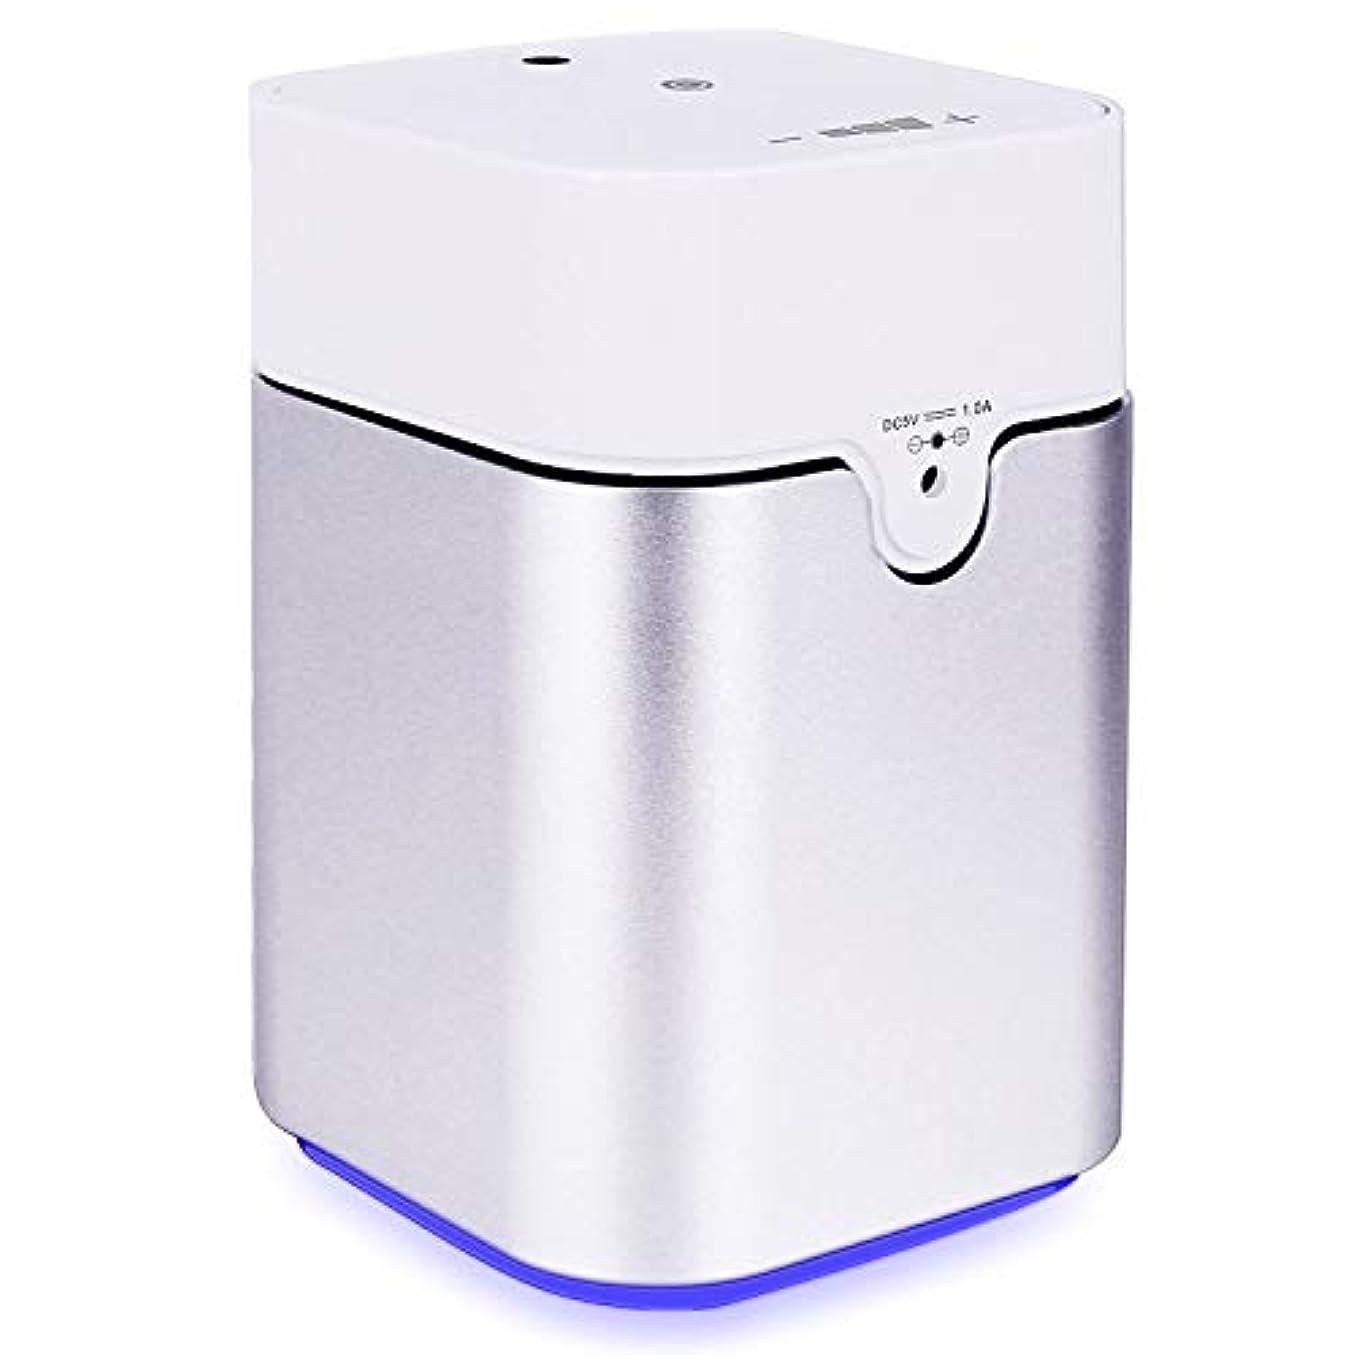 方法支給時刻表ENERG e's Pure アロマディフューザー ヨガ室 整体院人気 タイマー機能 ネブライザー式 量調整可能 精油瓶3個付き T11-ENS082